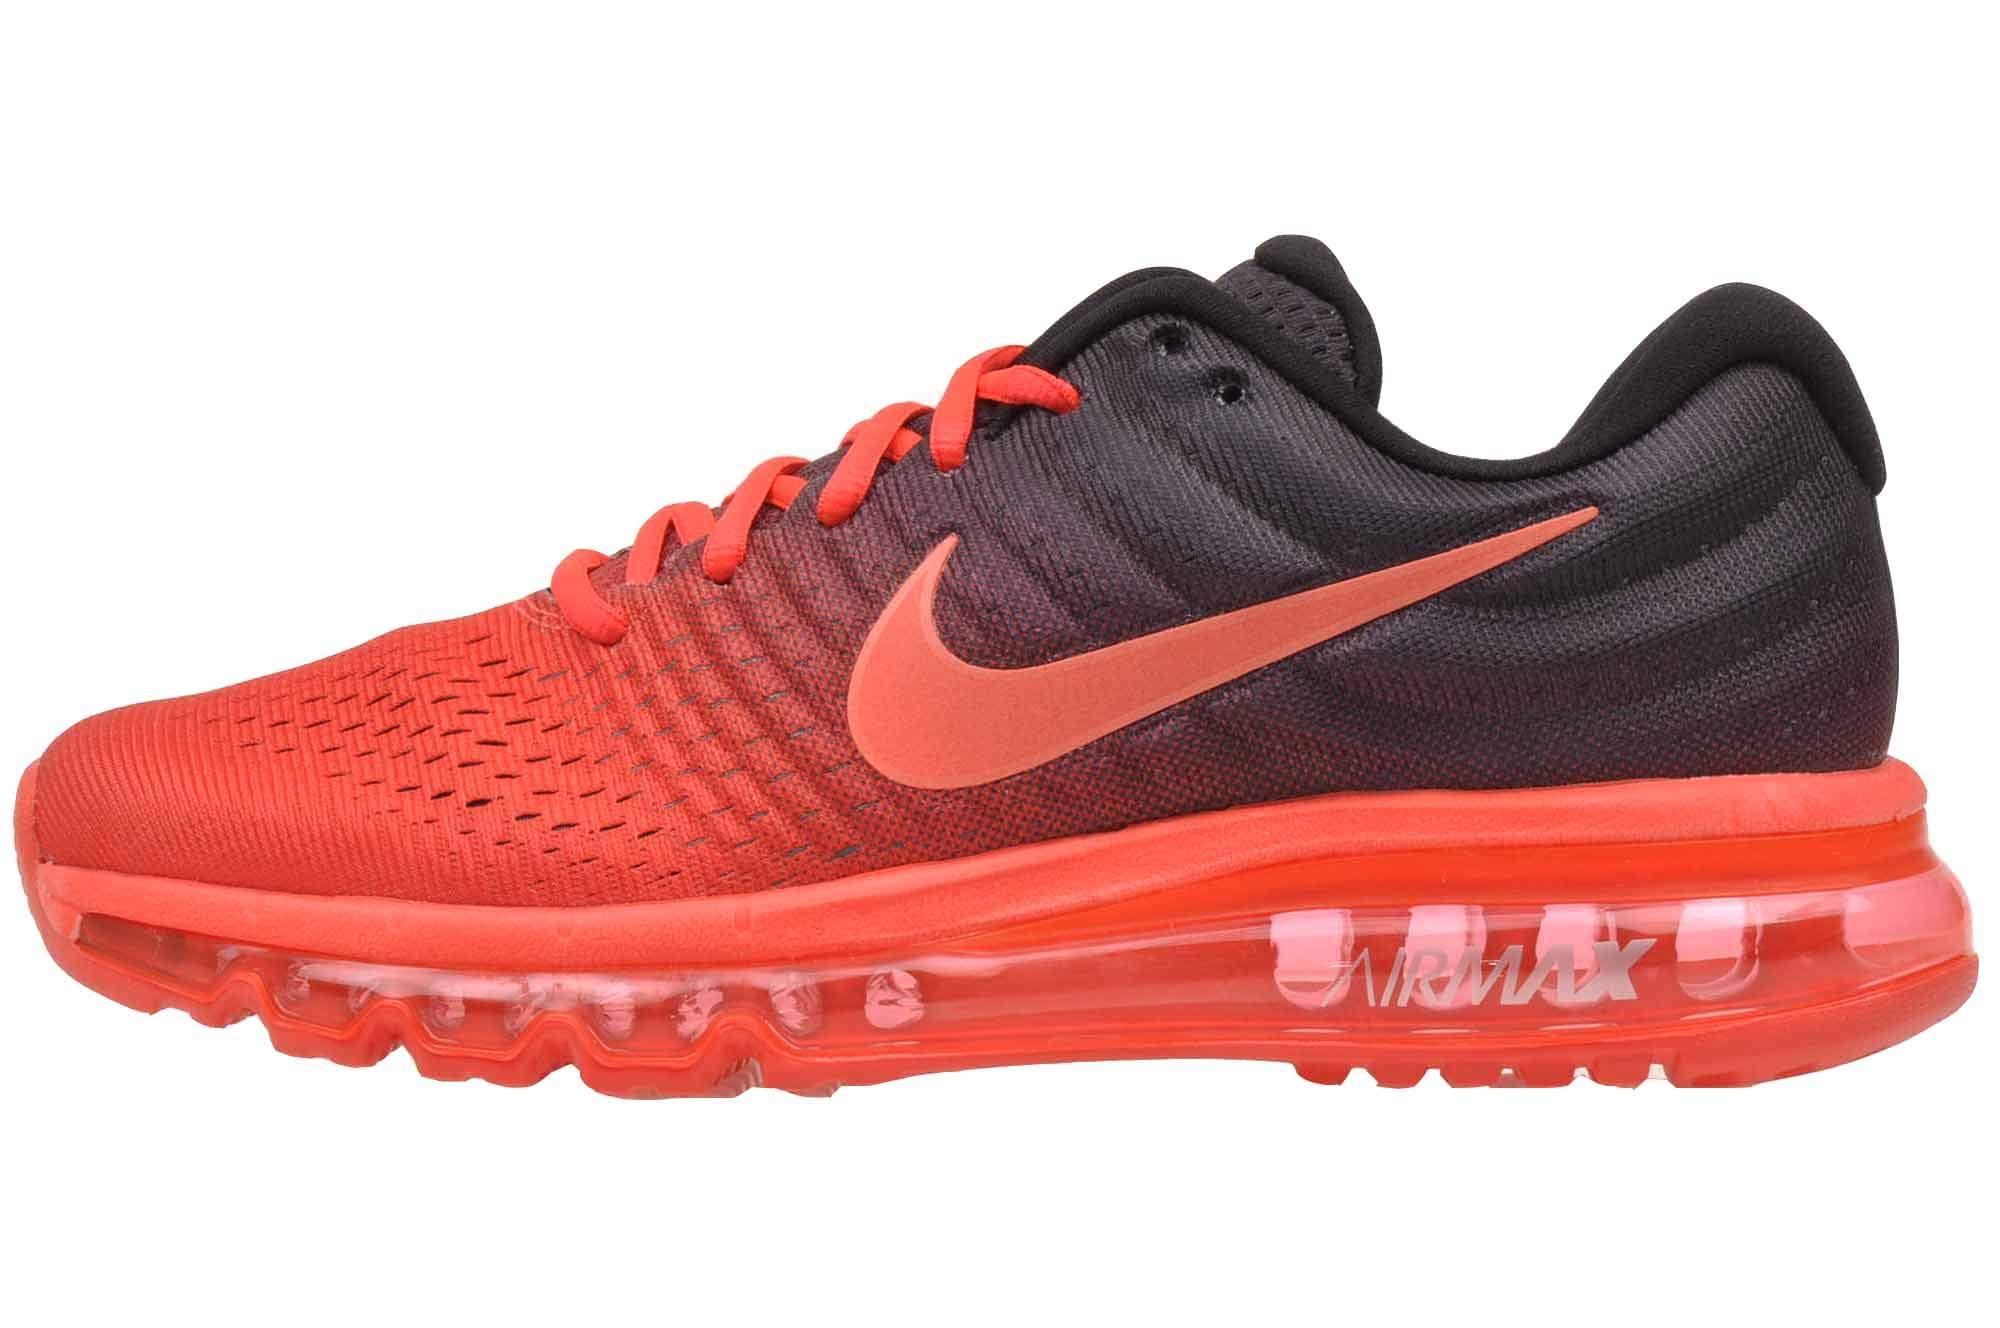 b456dd50f2 NIKE Mens Air Max 2017 Running Shoes (14, Bright Crimson/Total Crimson/